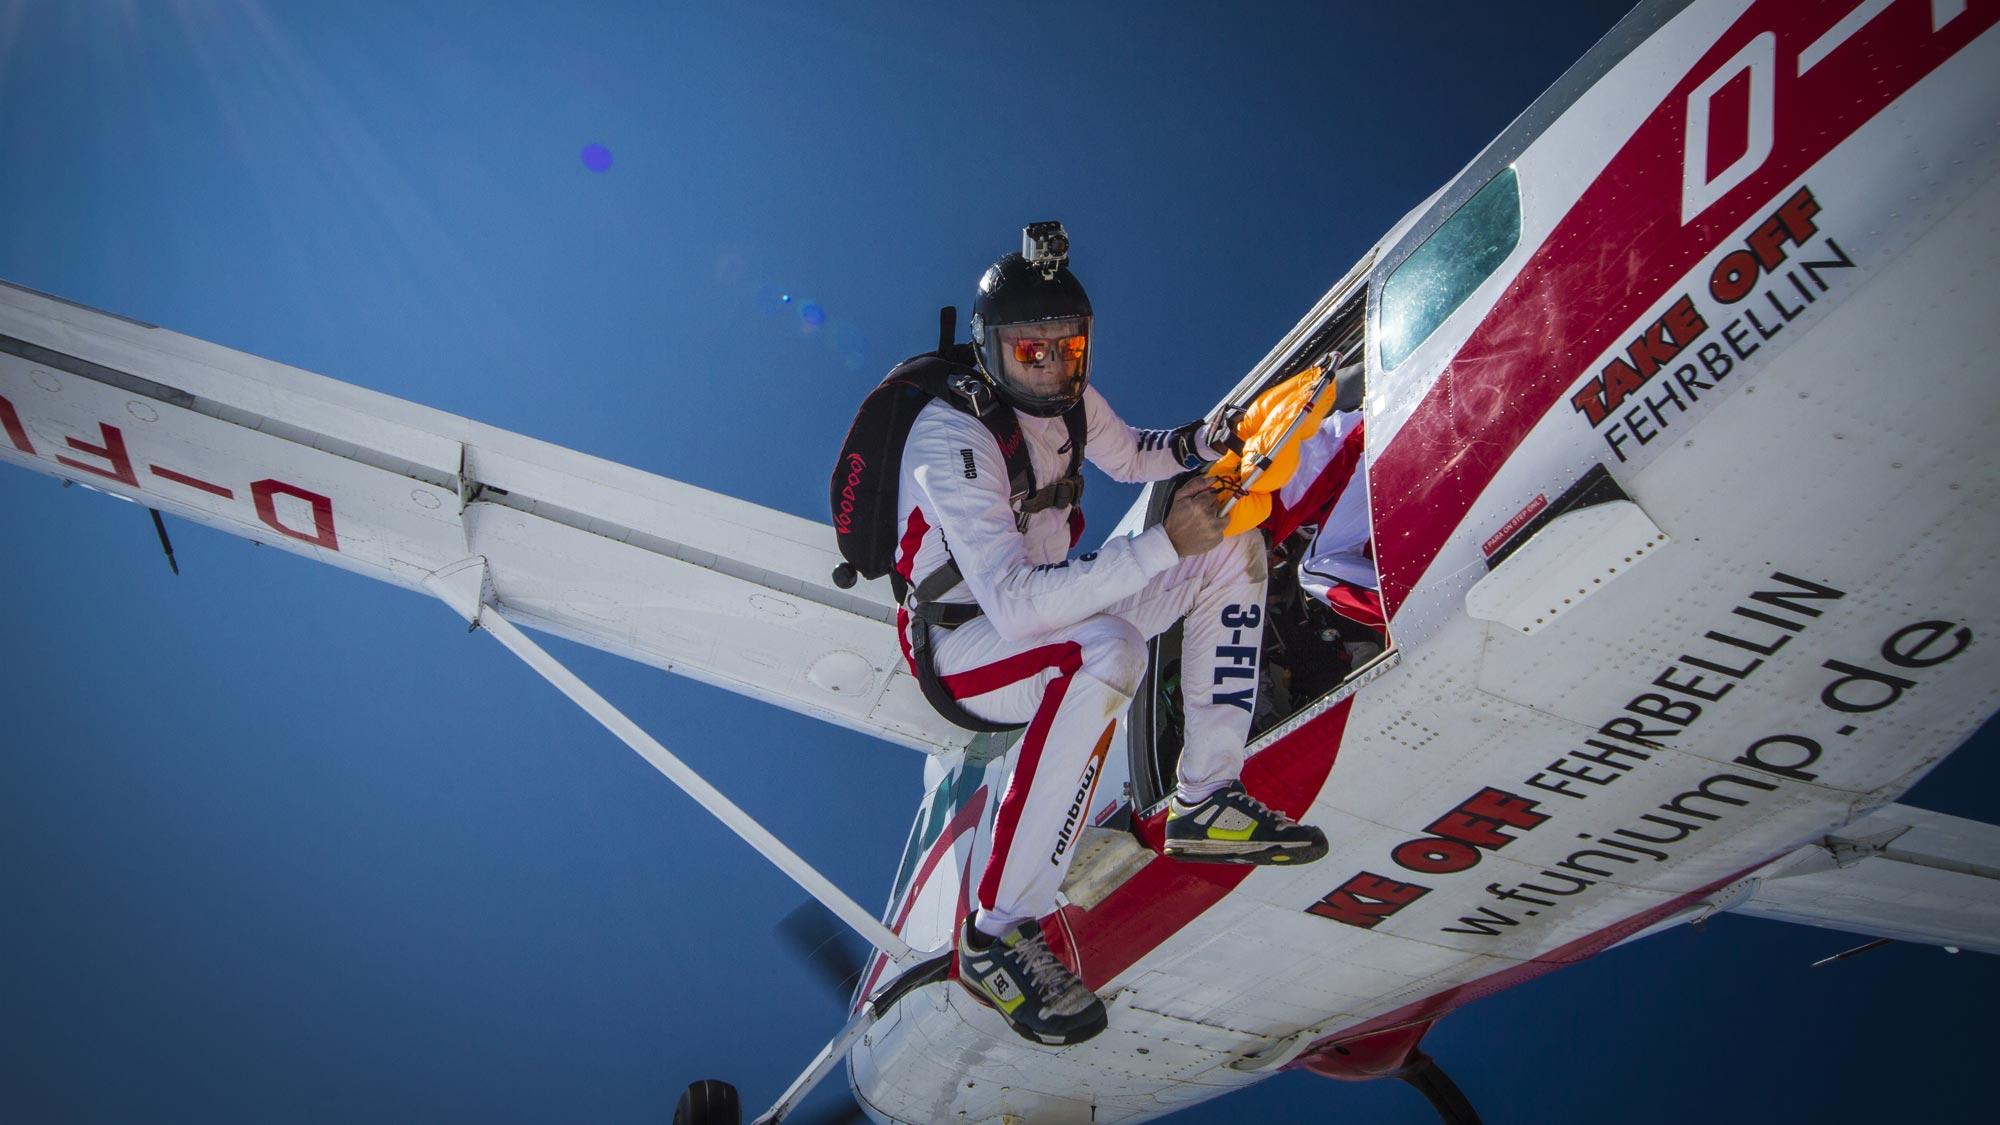 TAKE OFF Berlin - Freeflyer beim Ausstieg aus dem Flugzeug